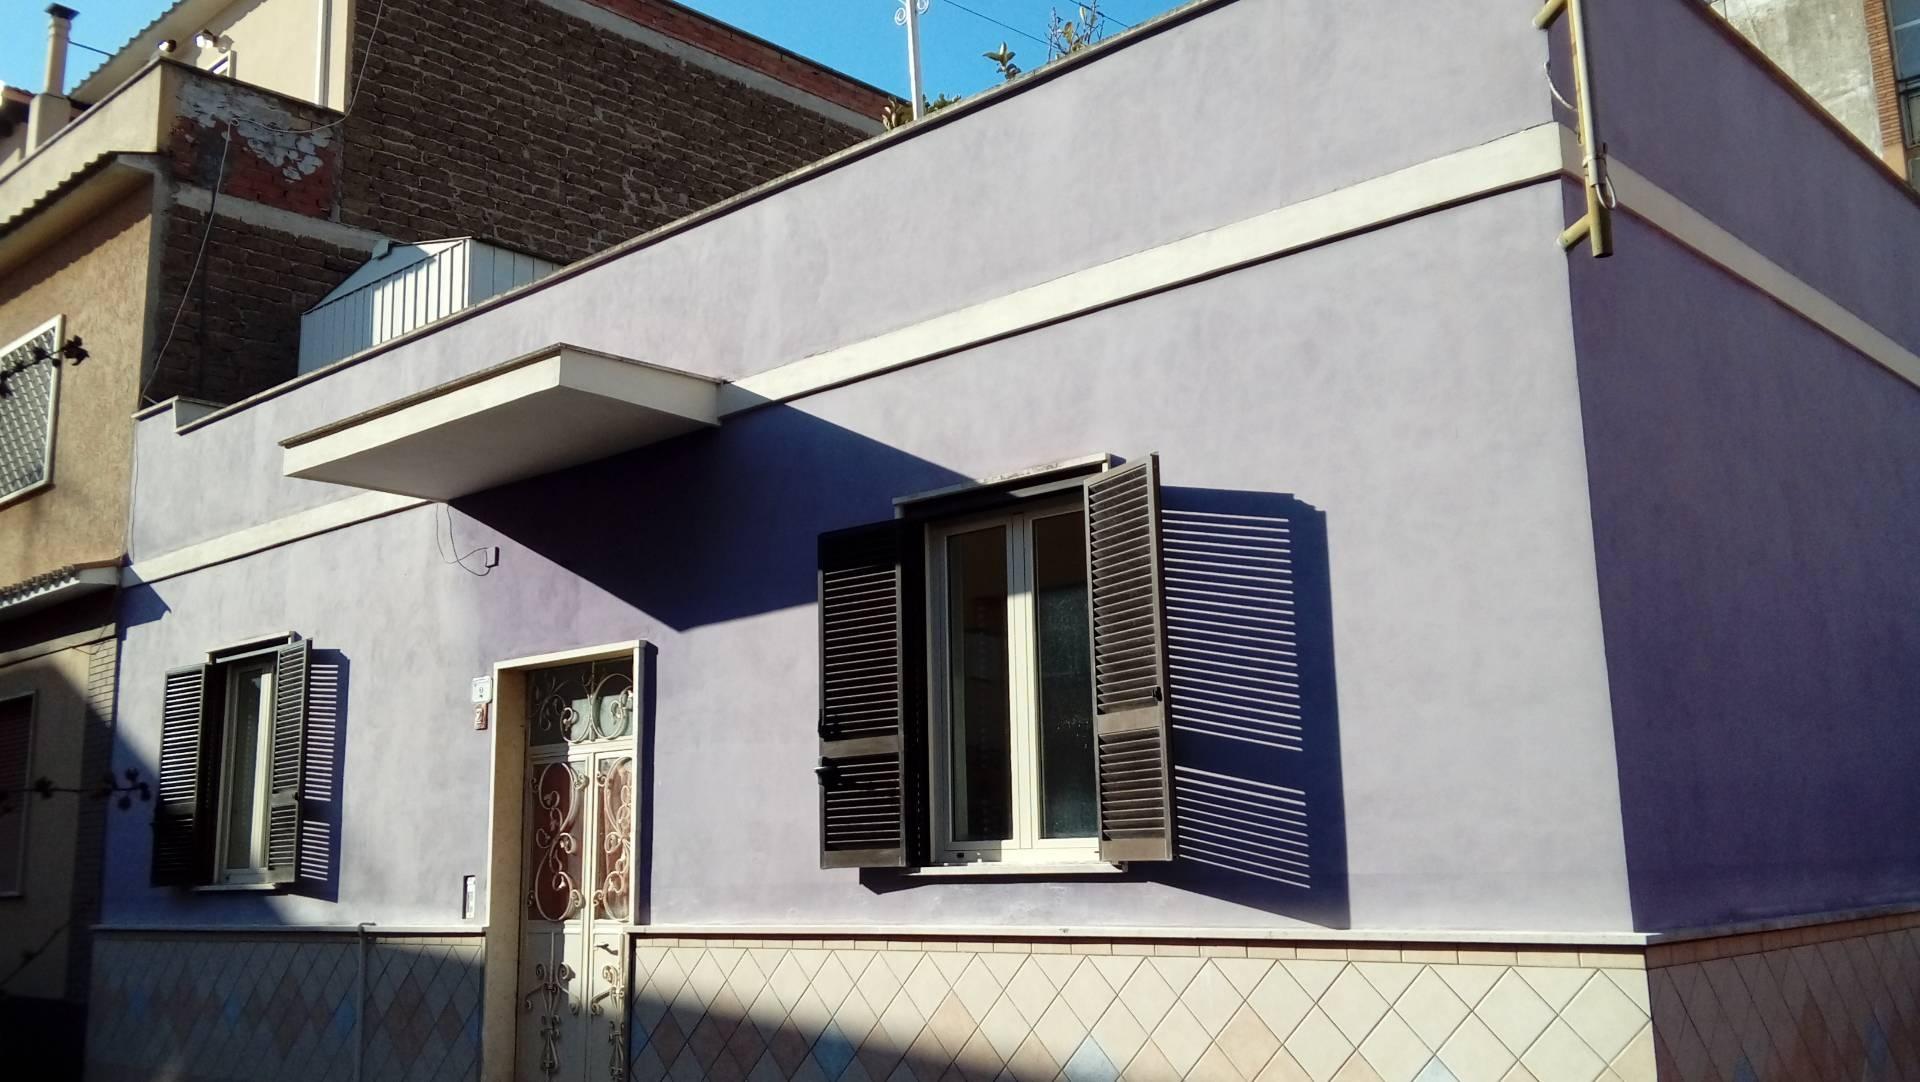 Agenzia immobiliare roma trieste salario for Immobiliare ufficio roma